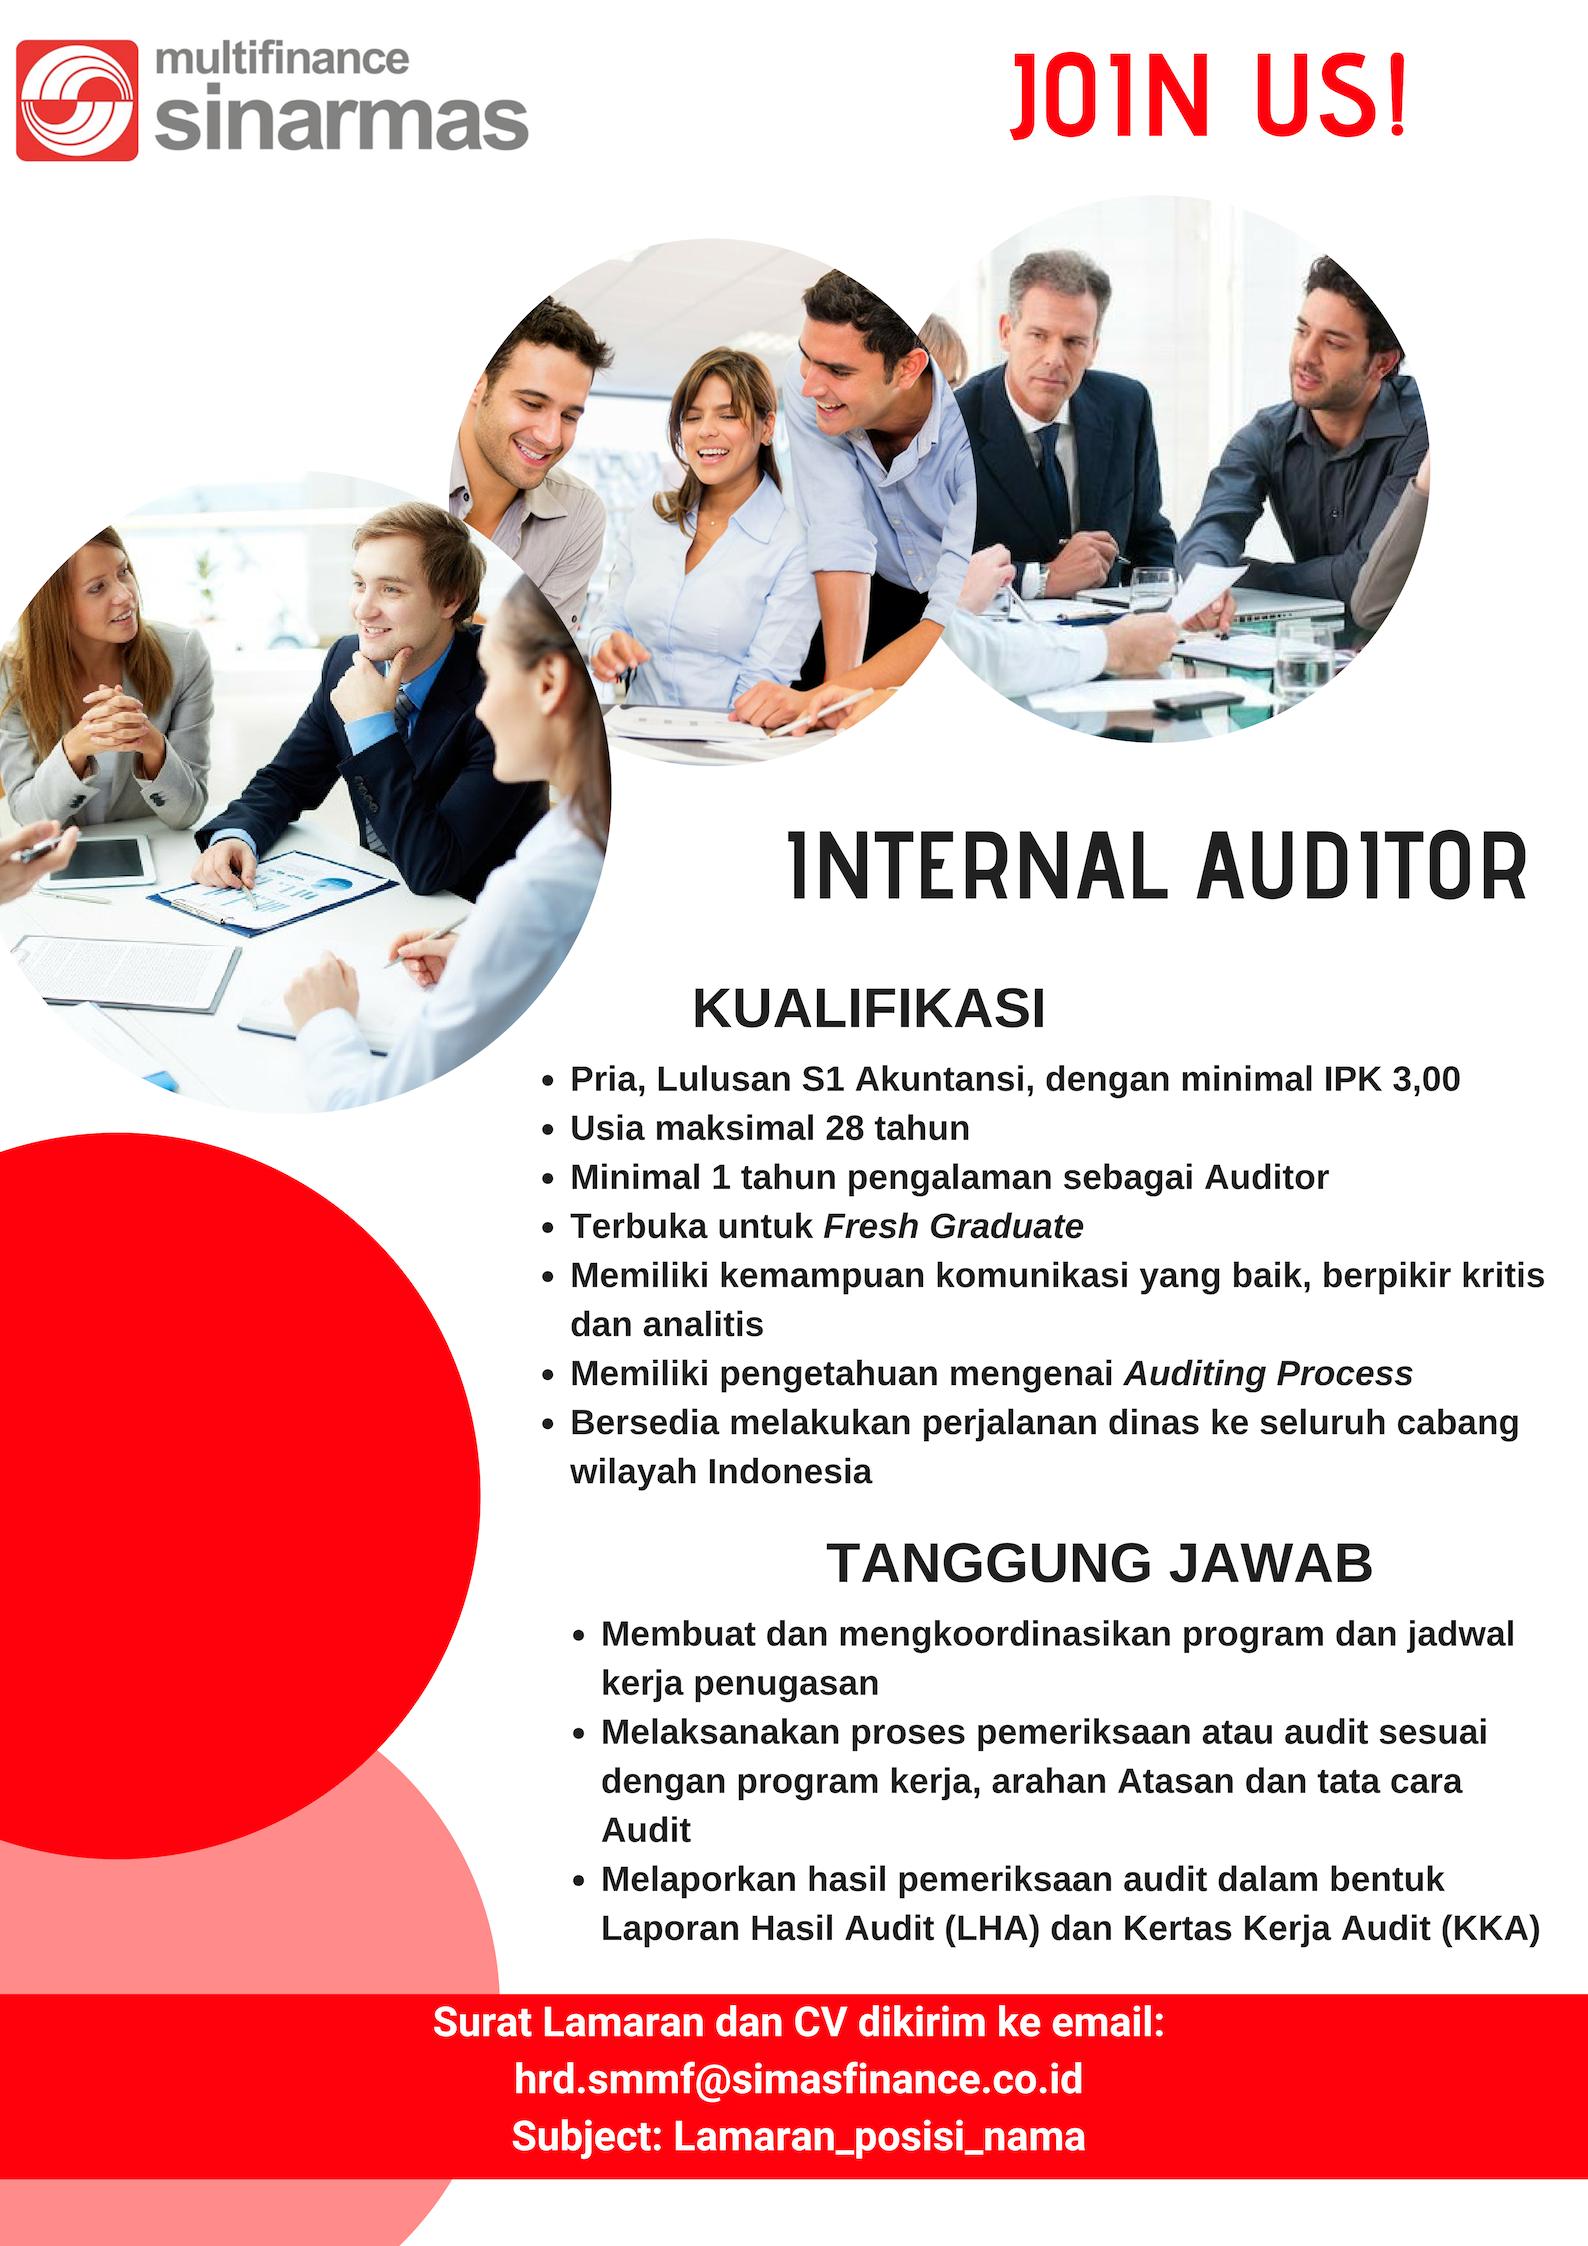 Career - Sinarmas Multifinance